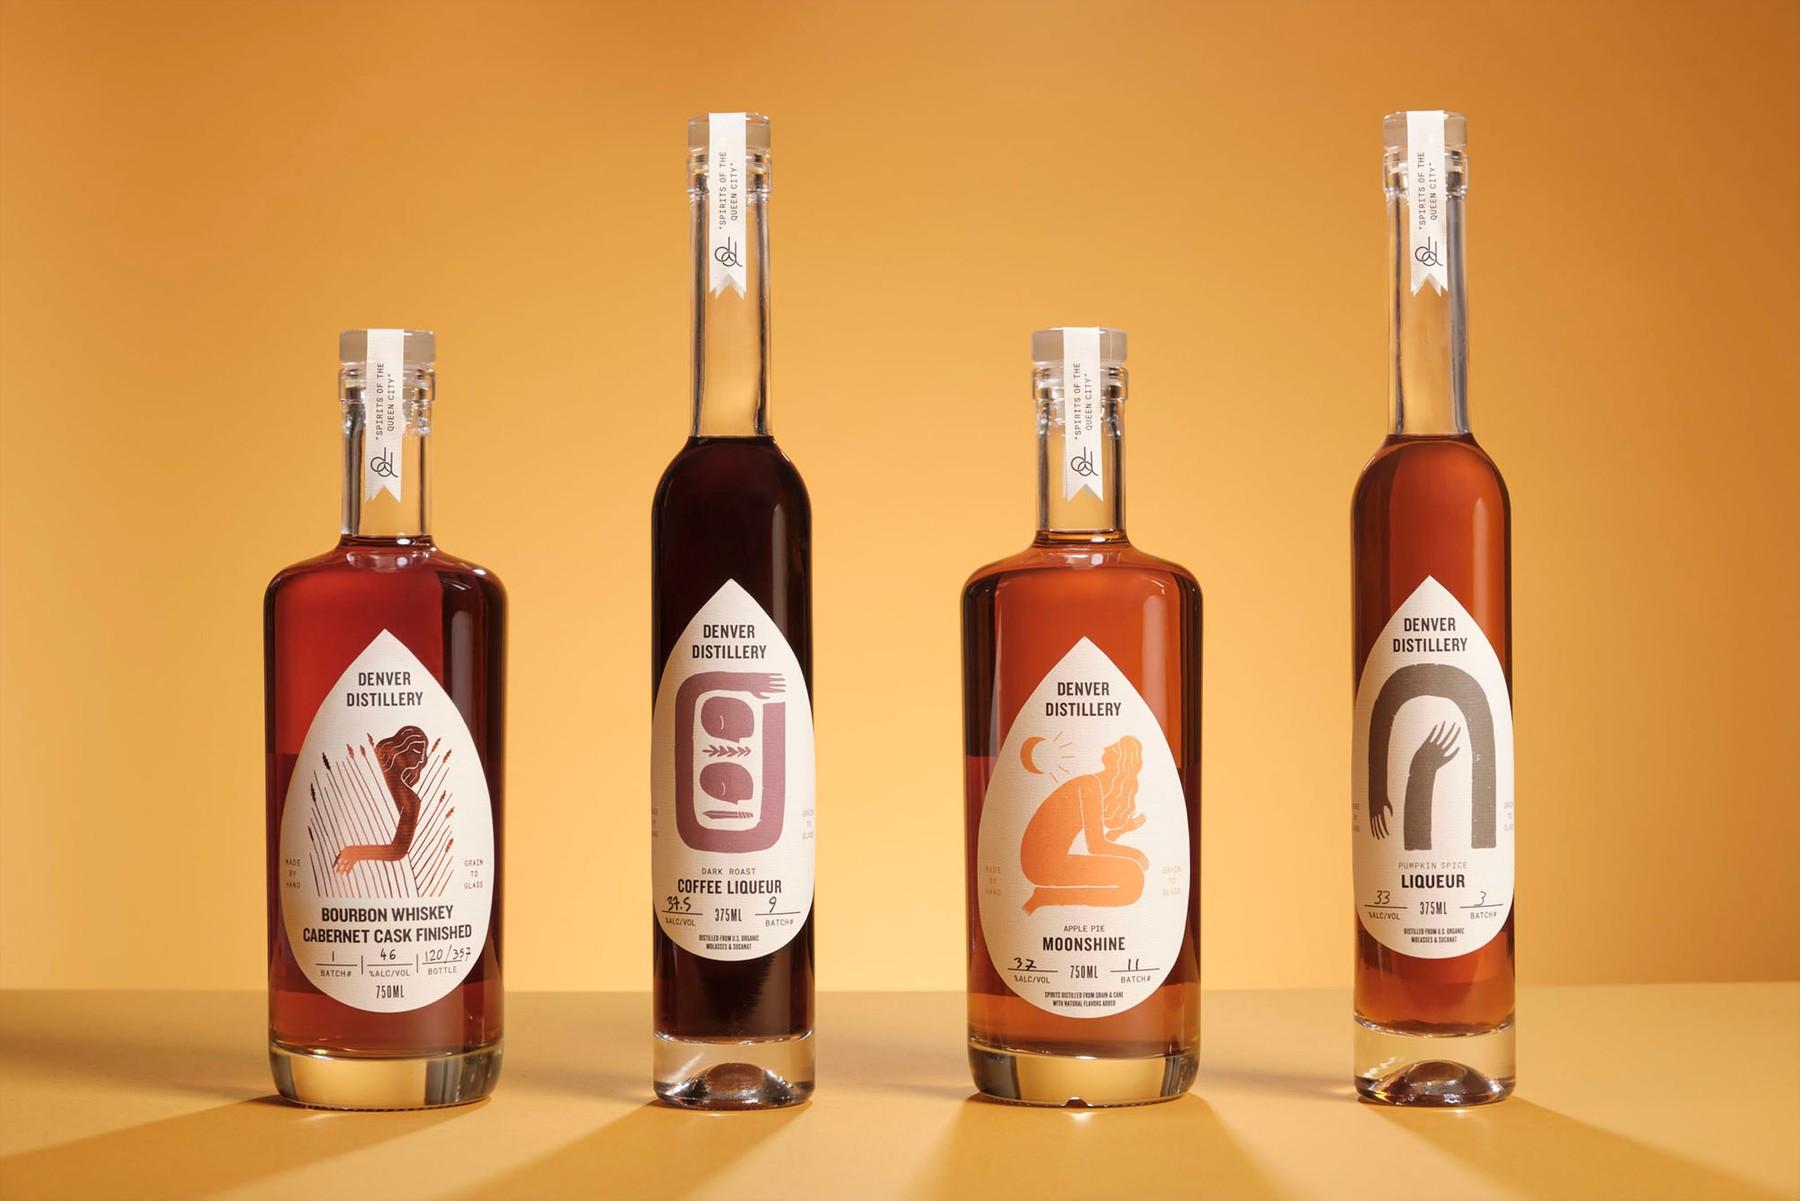 denver_distillery_packaging_02.jpg